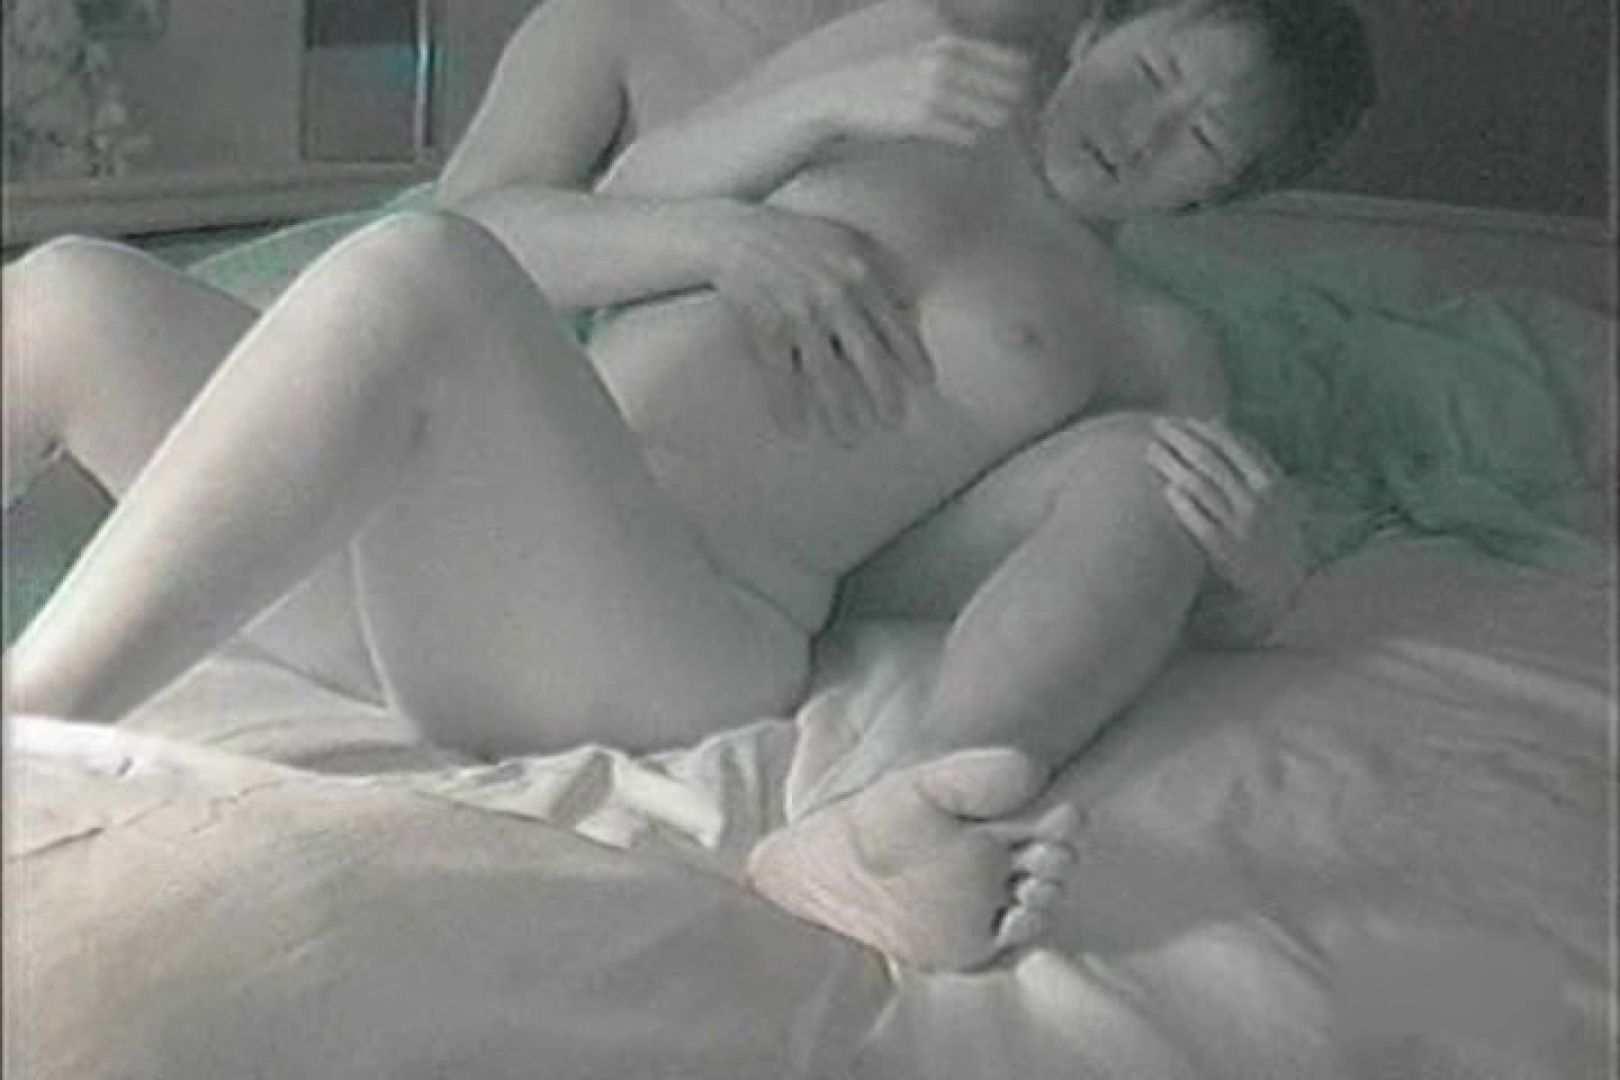 素人嬢をホテルに連れ込みアンナ事・コンナ事!?Vol.9 エッチなセックス スケベ動画紹介 107画像 74